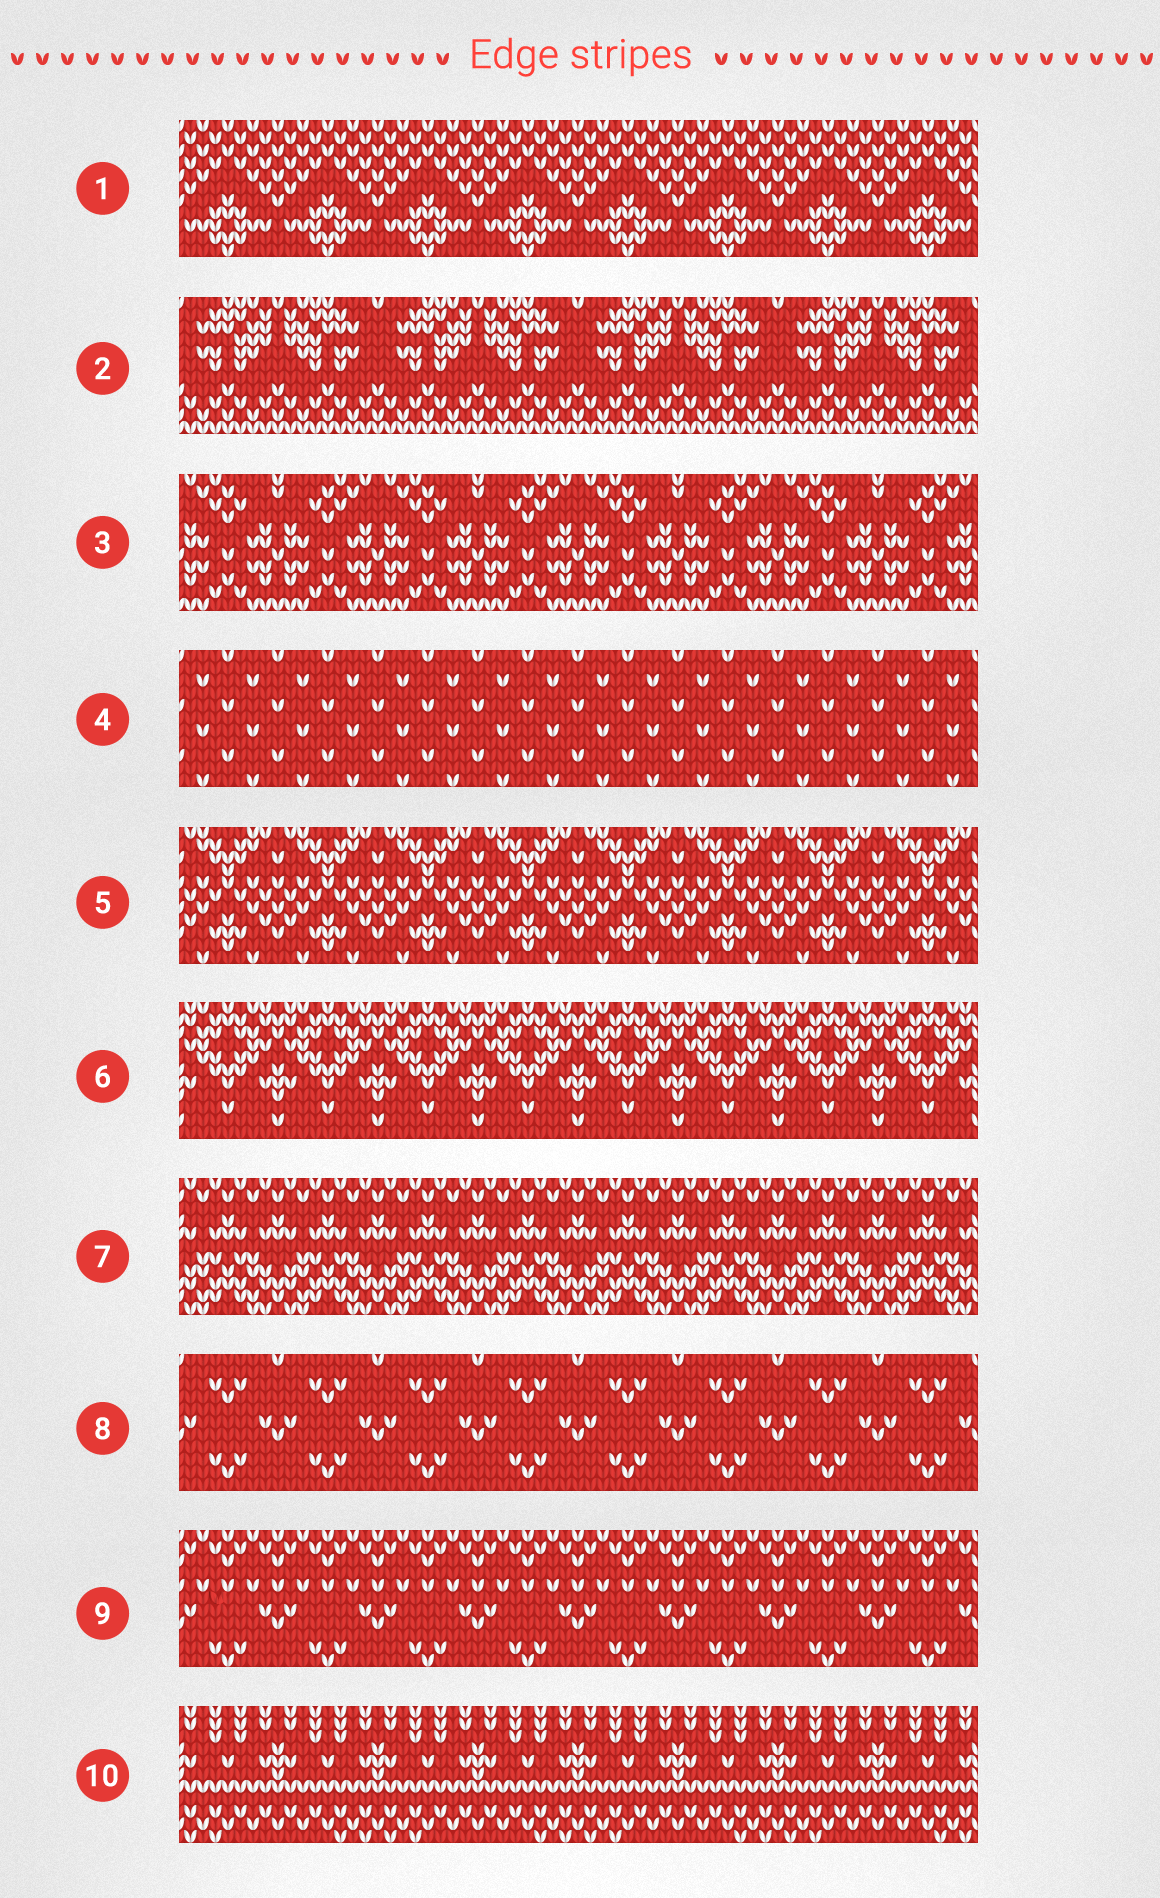 1000 Knitting Patterns Generator example image 11